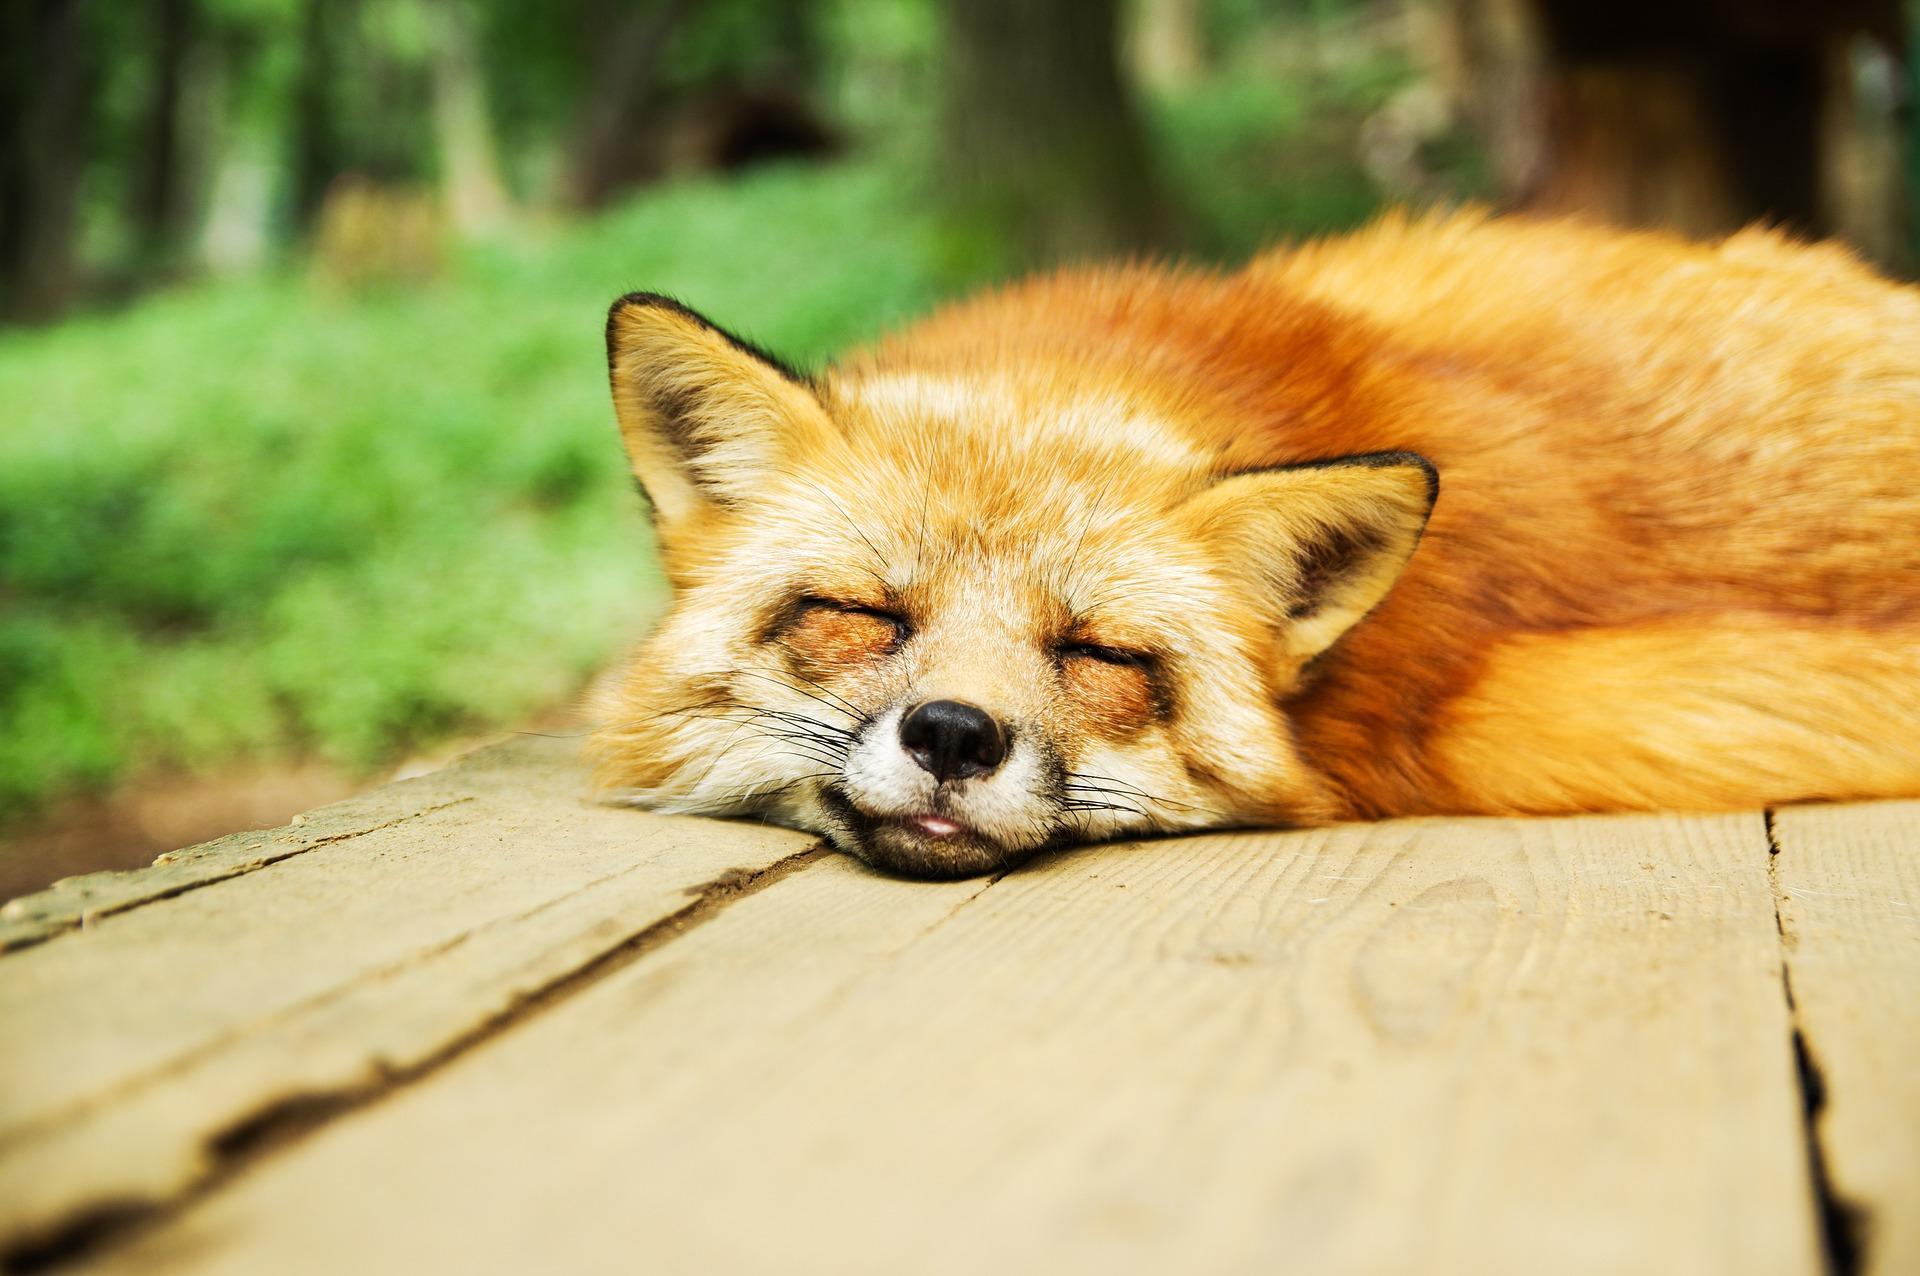 Fox at Zao Fox Village in Japan